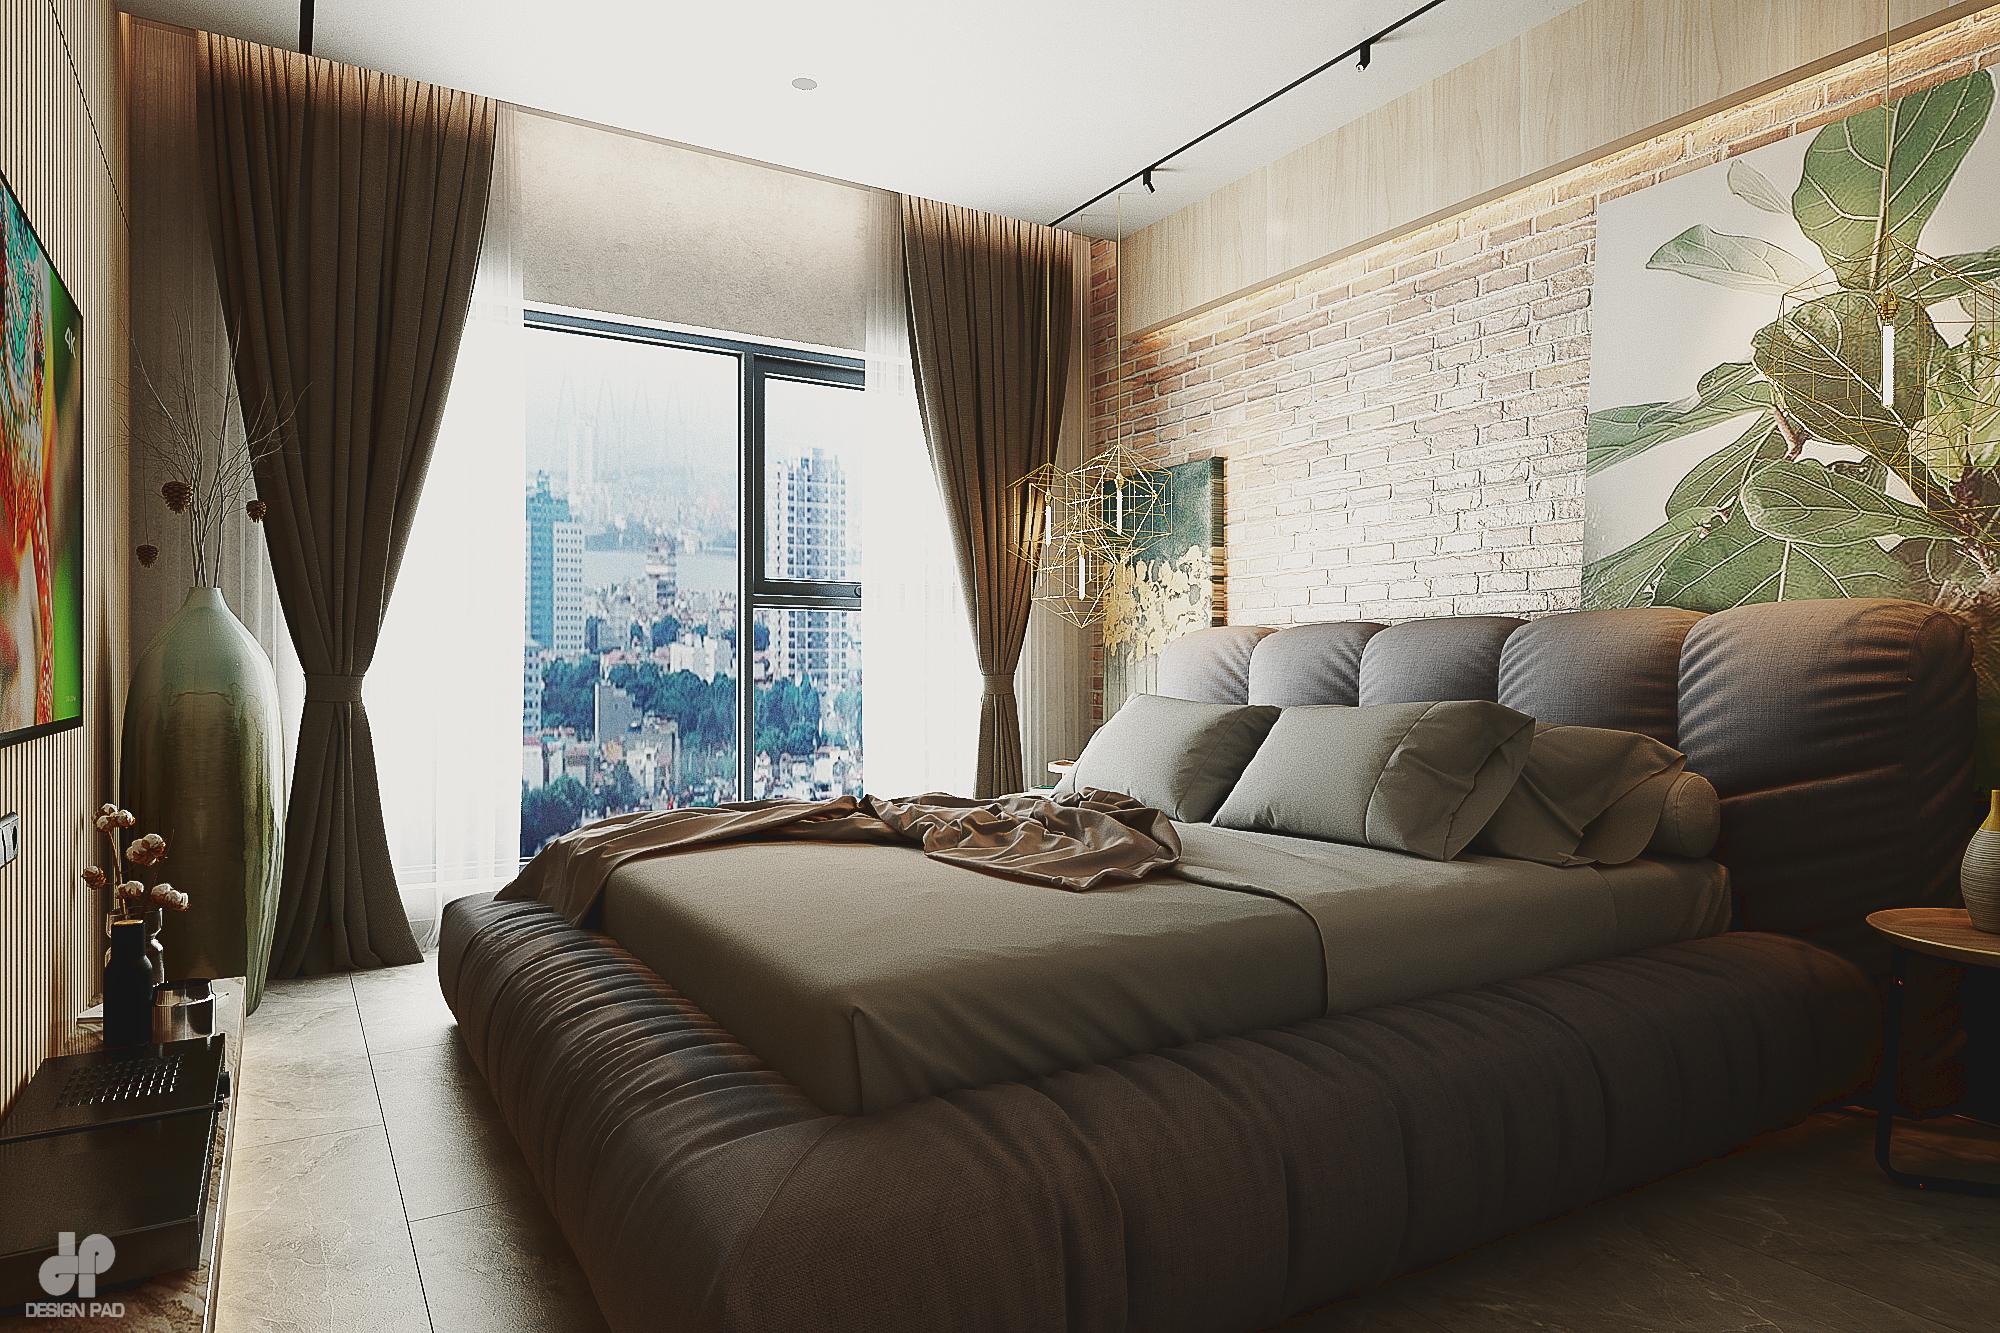 Thiết kế nội thất Nhà Mặt Phố tại Hồ Chí Minh BedRoom - Mr. Thọ 1605514239 1